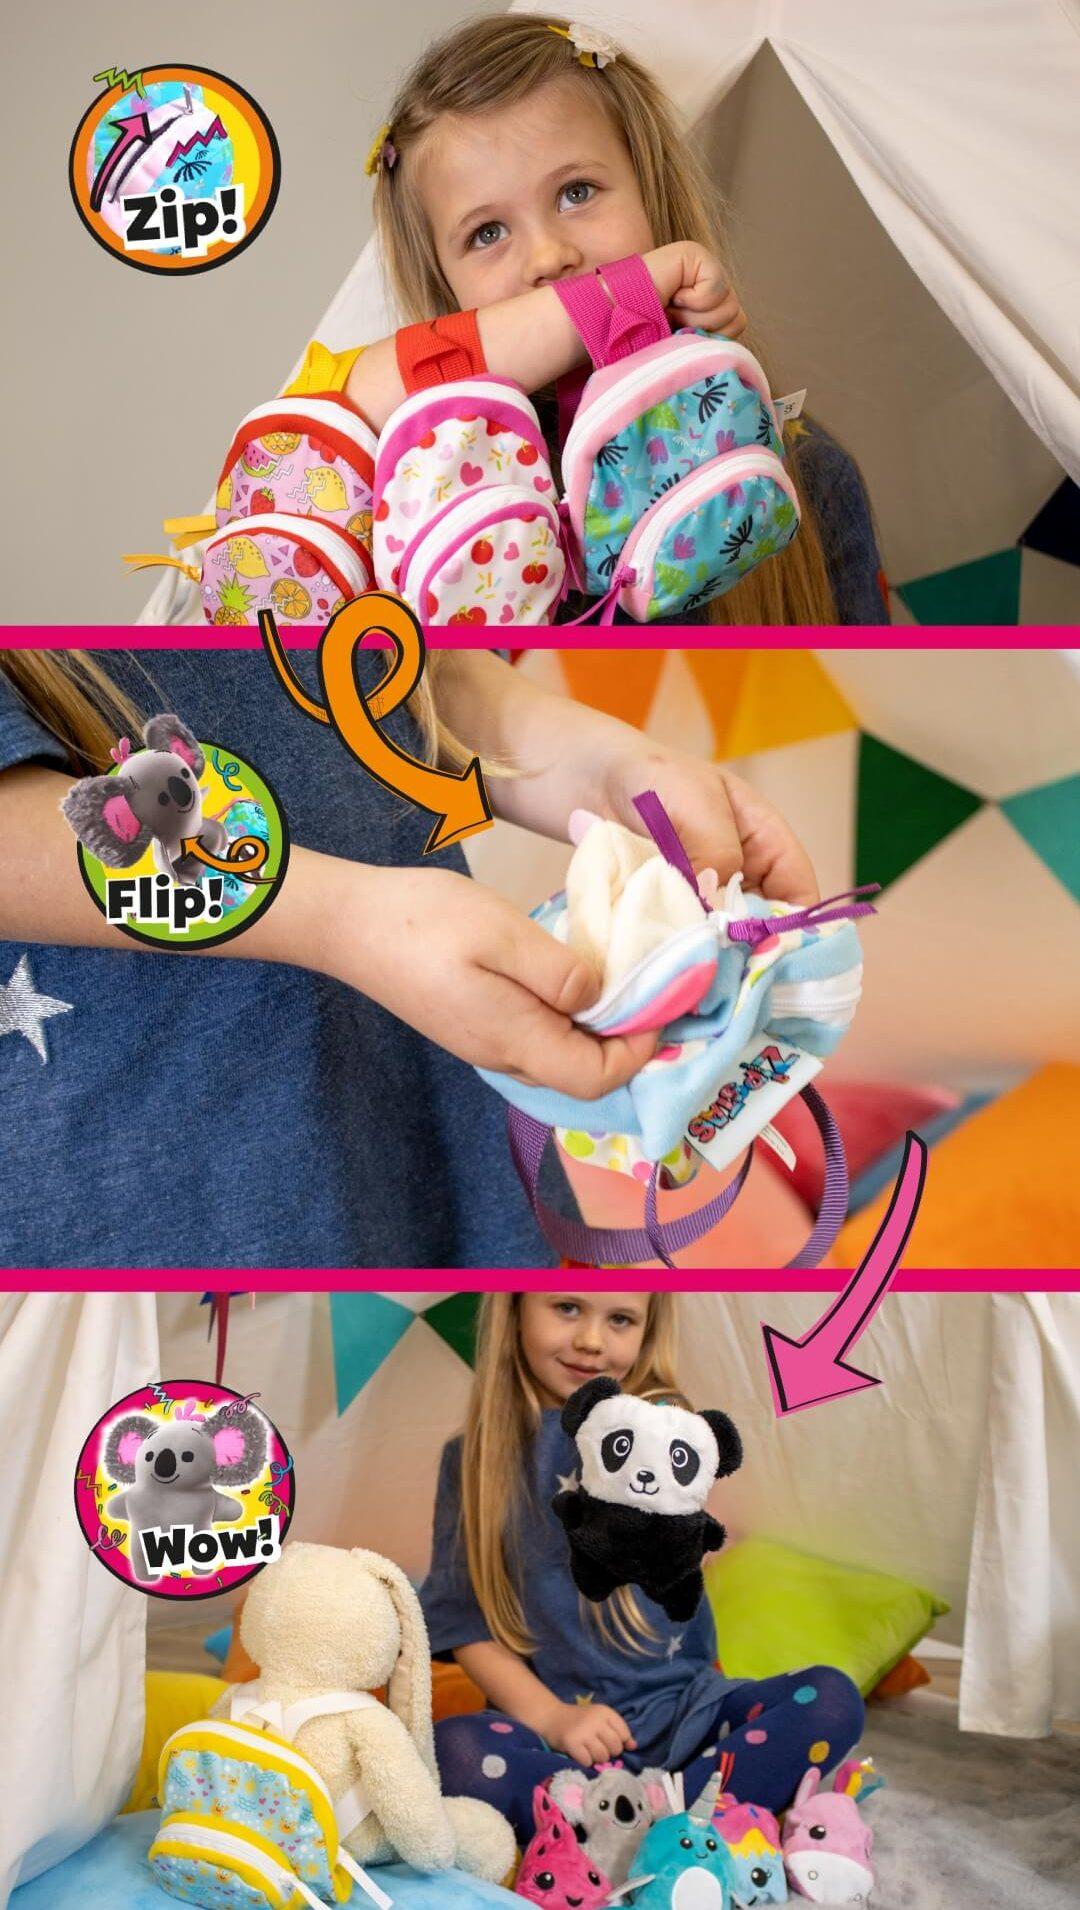 Zipstas toys banner mobile zip flip wow